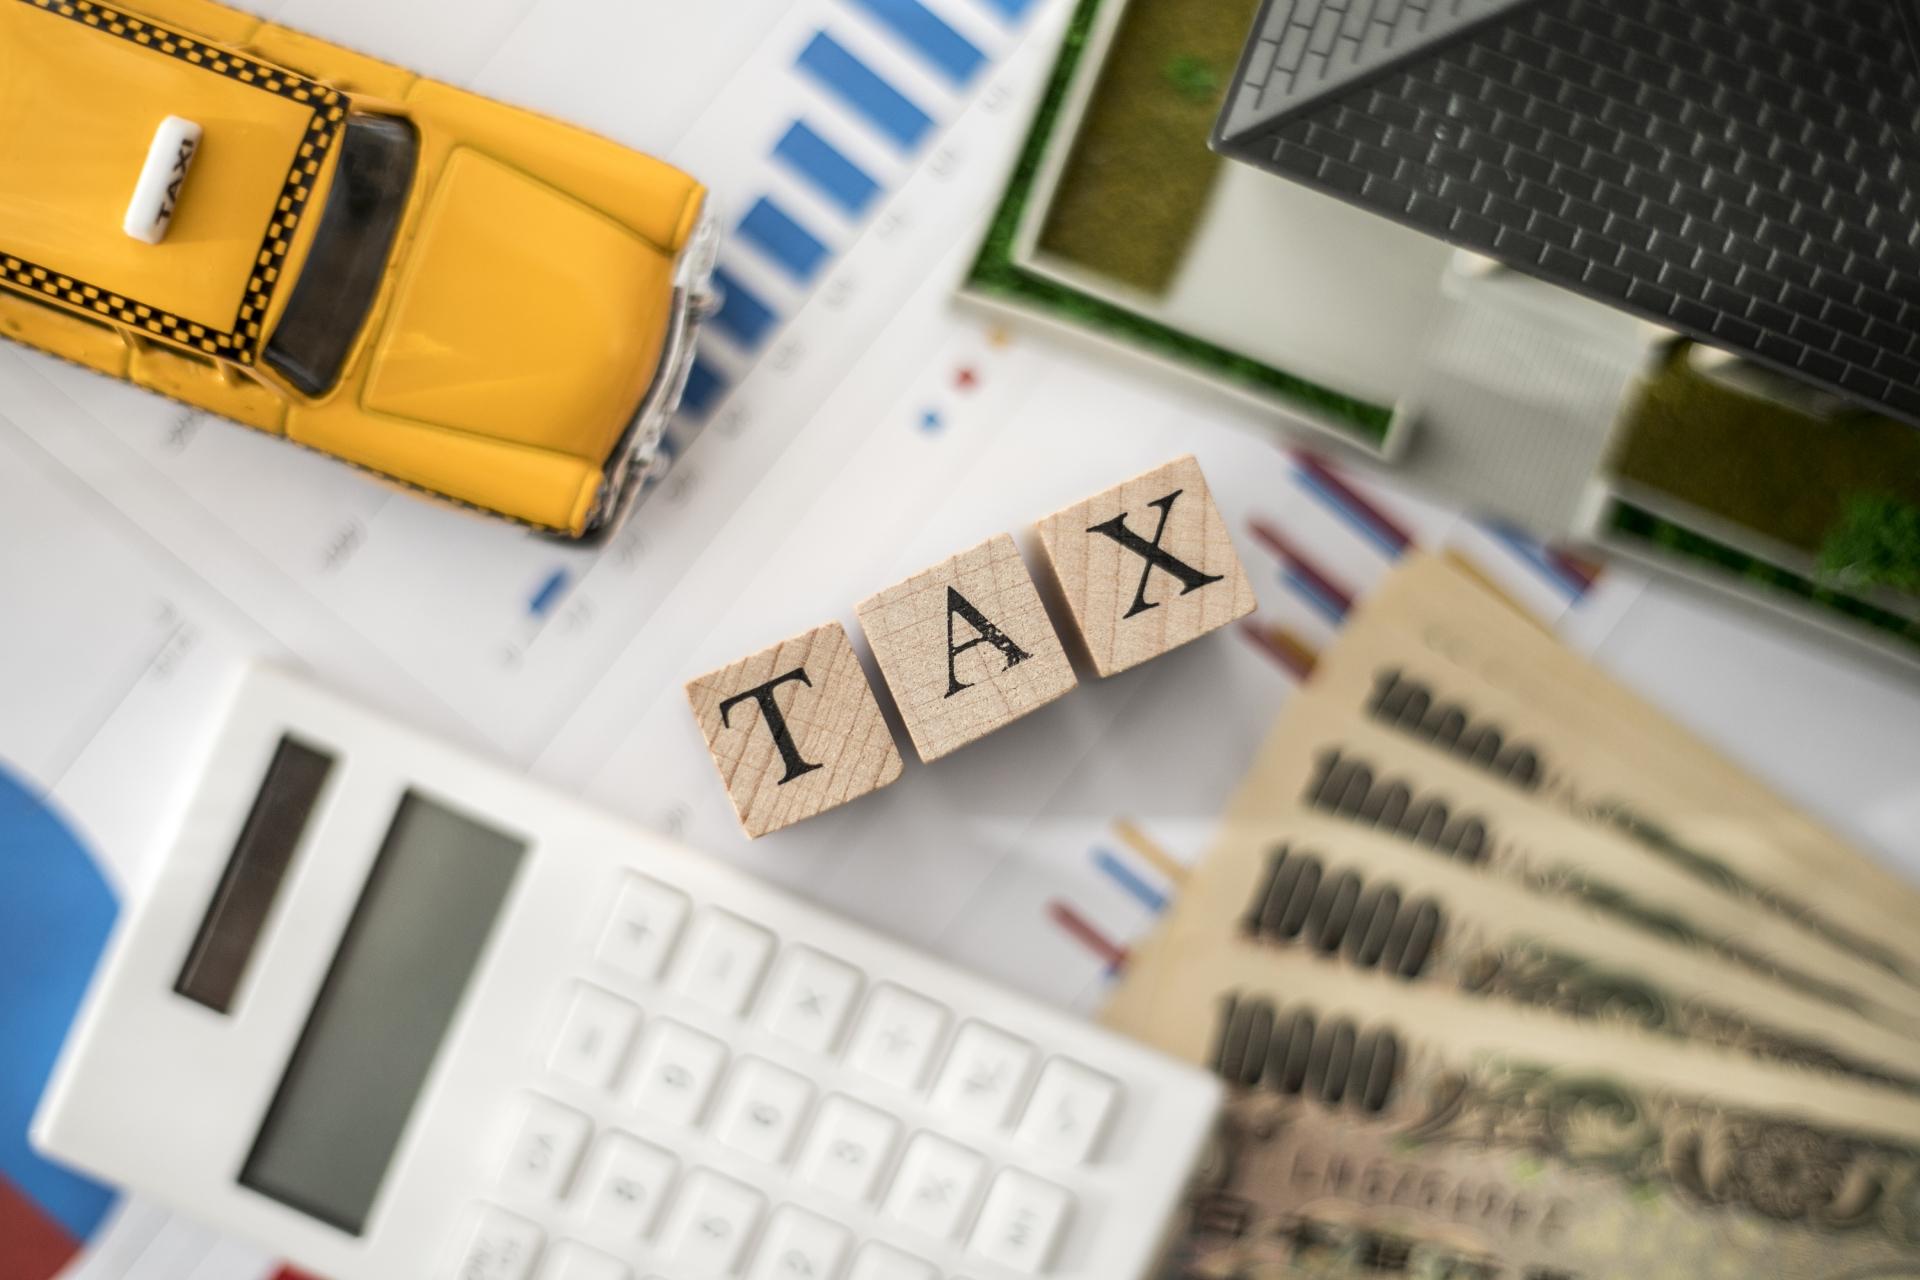 【知らないと後悔する!】遺品と税金の関係を徹底解説【〇〇を売ると課税】